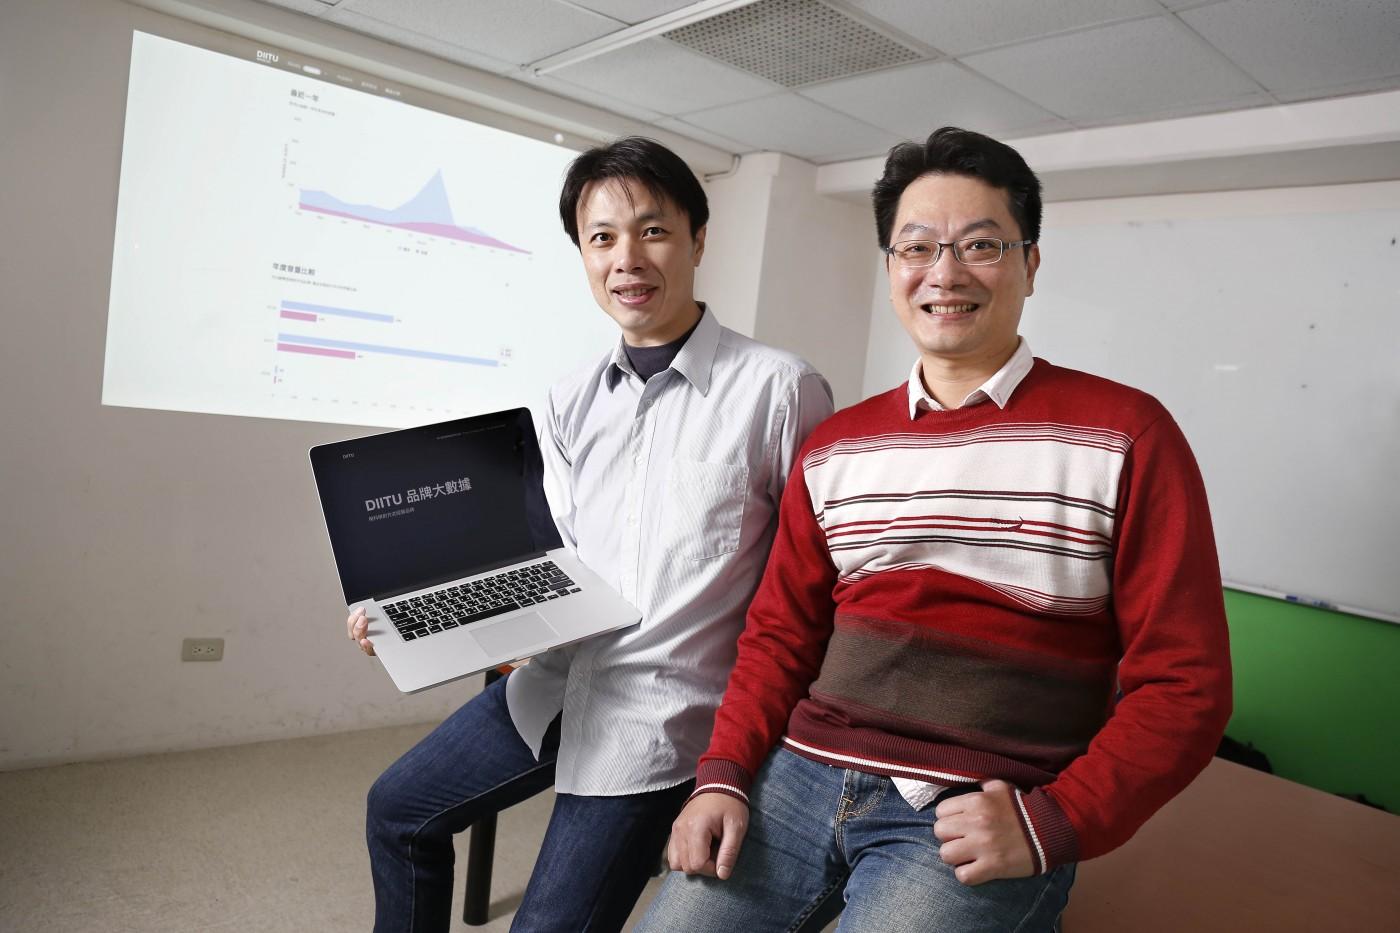 創造關鍵轉折點!DIITU助品牌企業從昨日資料挖出明日金礦